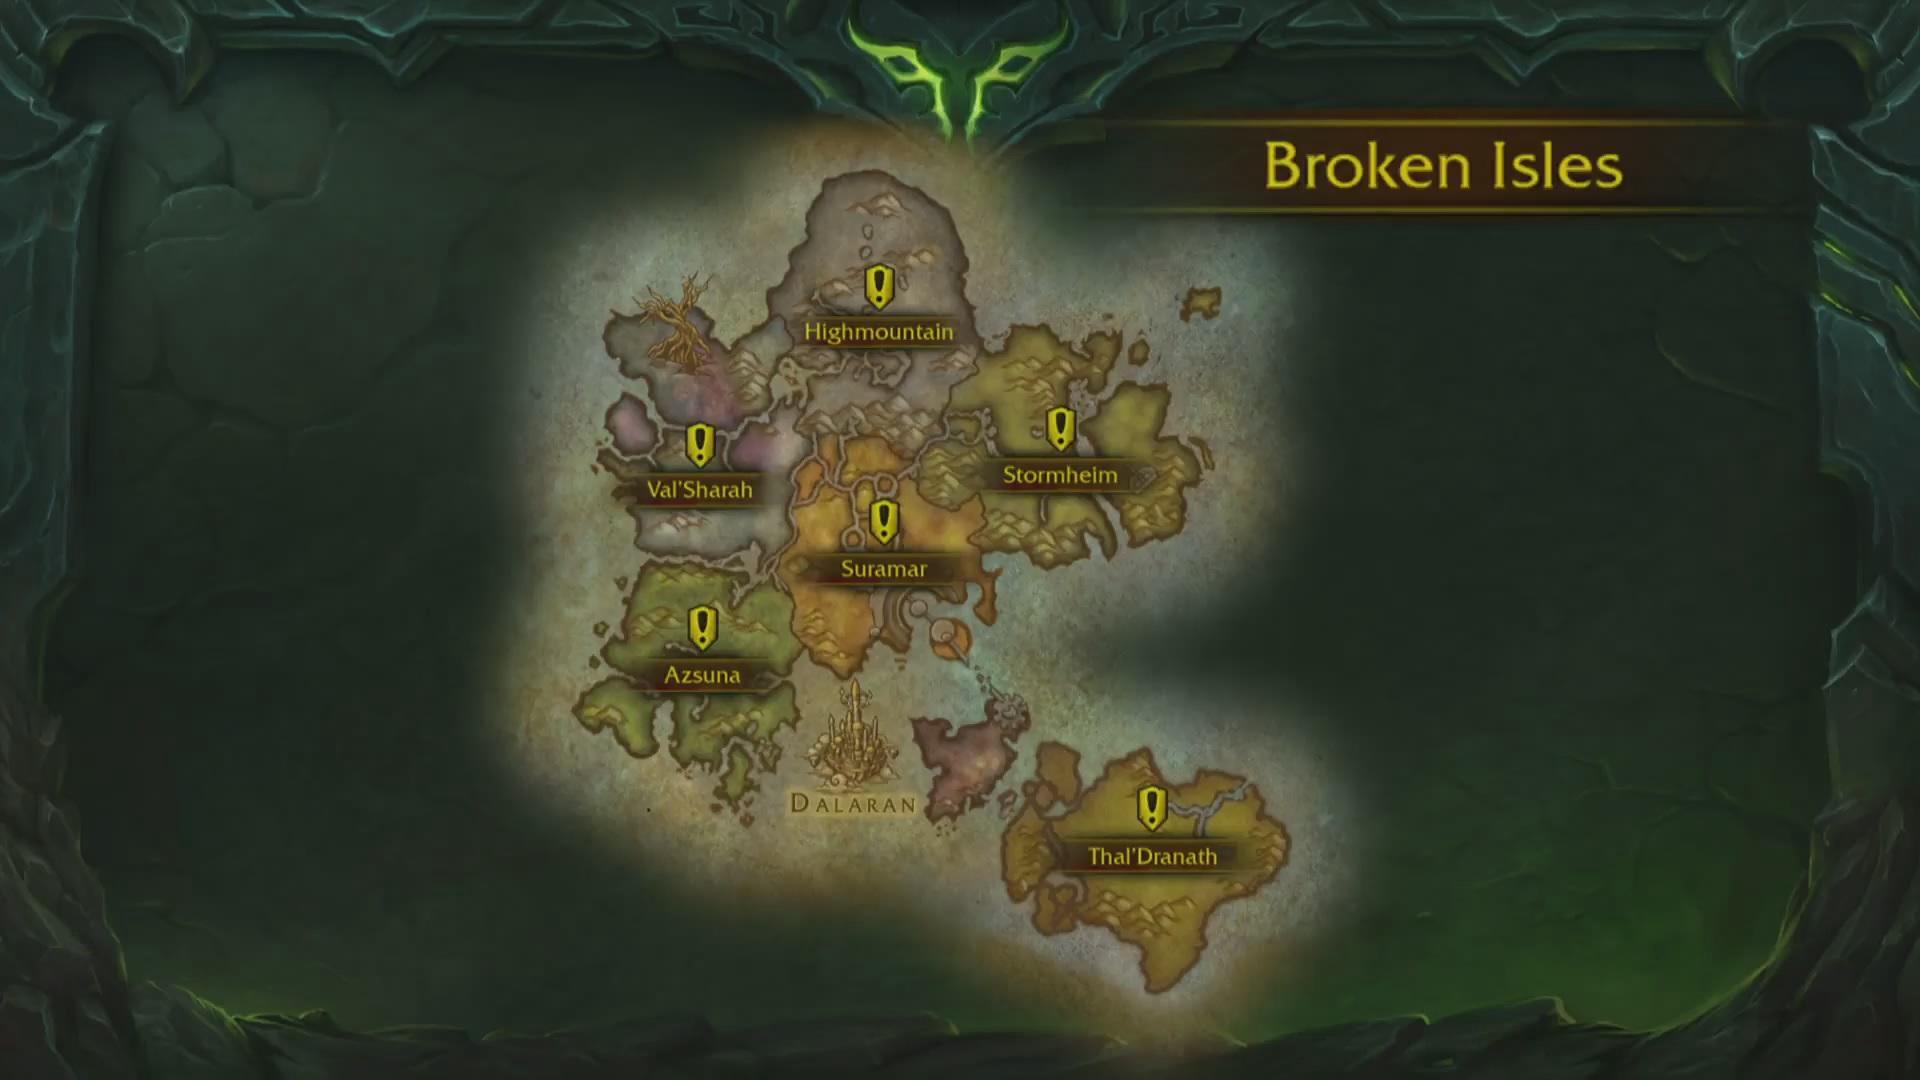 魔兽世界7.0破碎群岛最新无删减地图